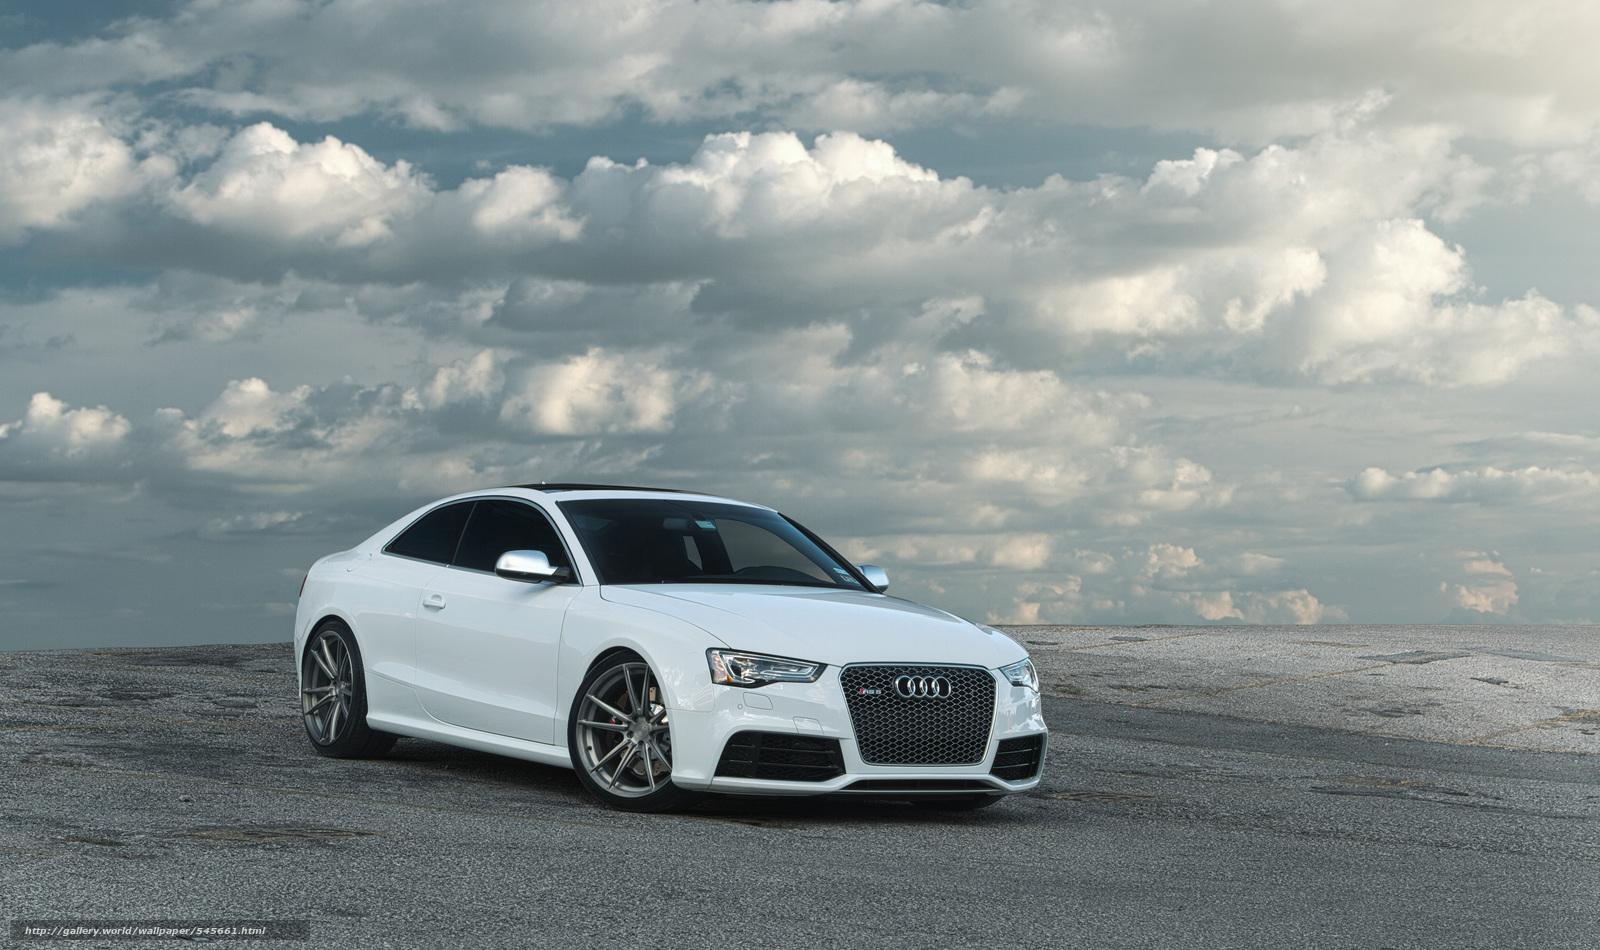 Download Wallpaper Audi Rs5 2012 Free Desktop Wallpaper